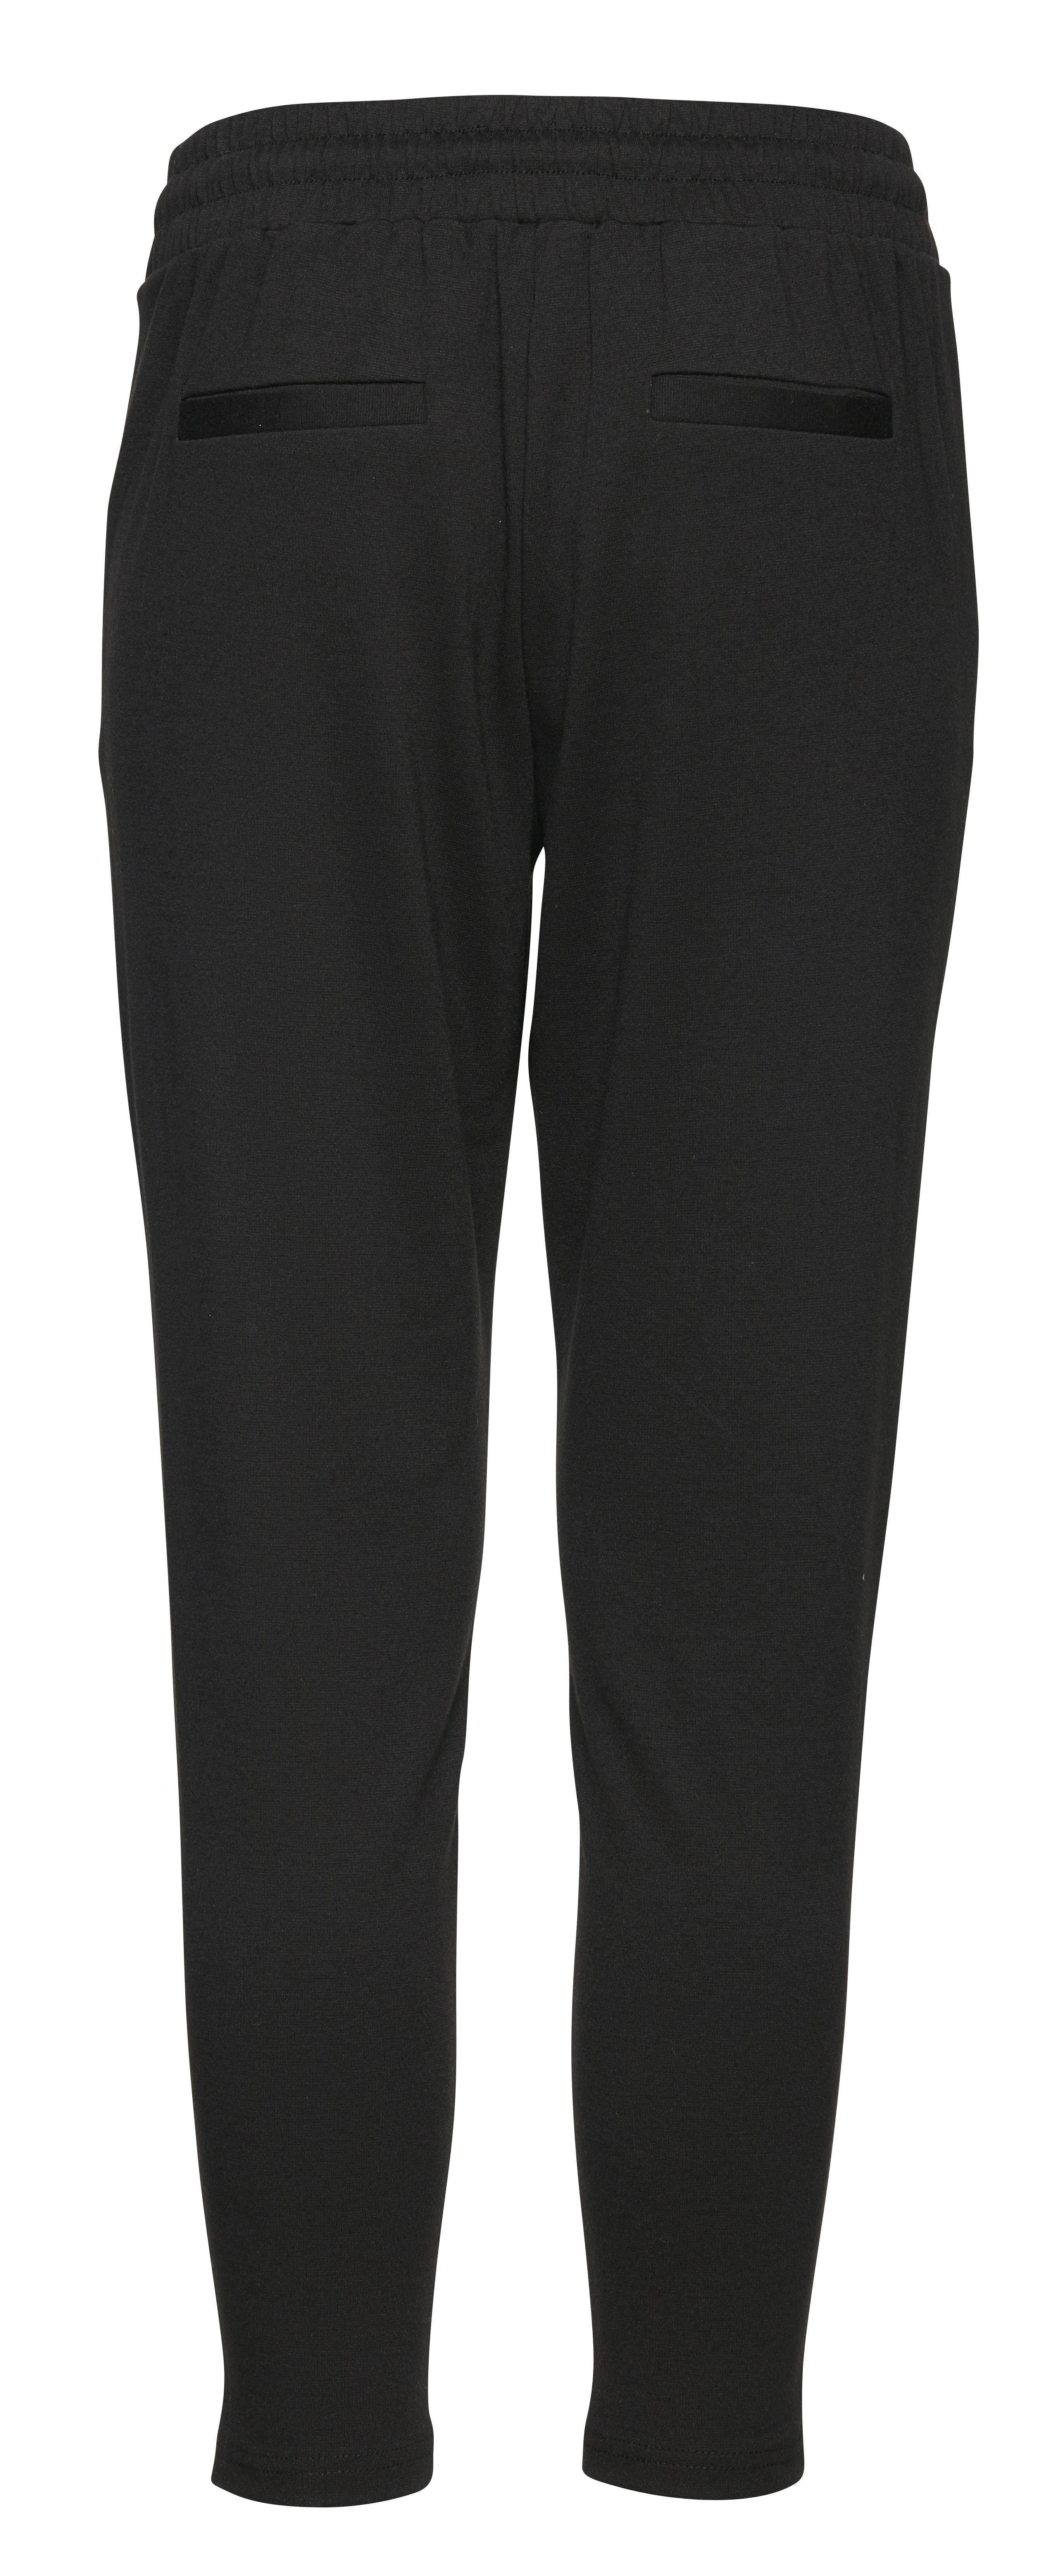 Black Bukser i blød jersey - cropped længde – Køb Black Bukser i blød jersey - cropped længde fra str. XS-XXL her